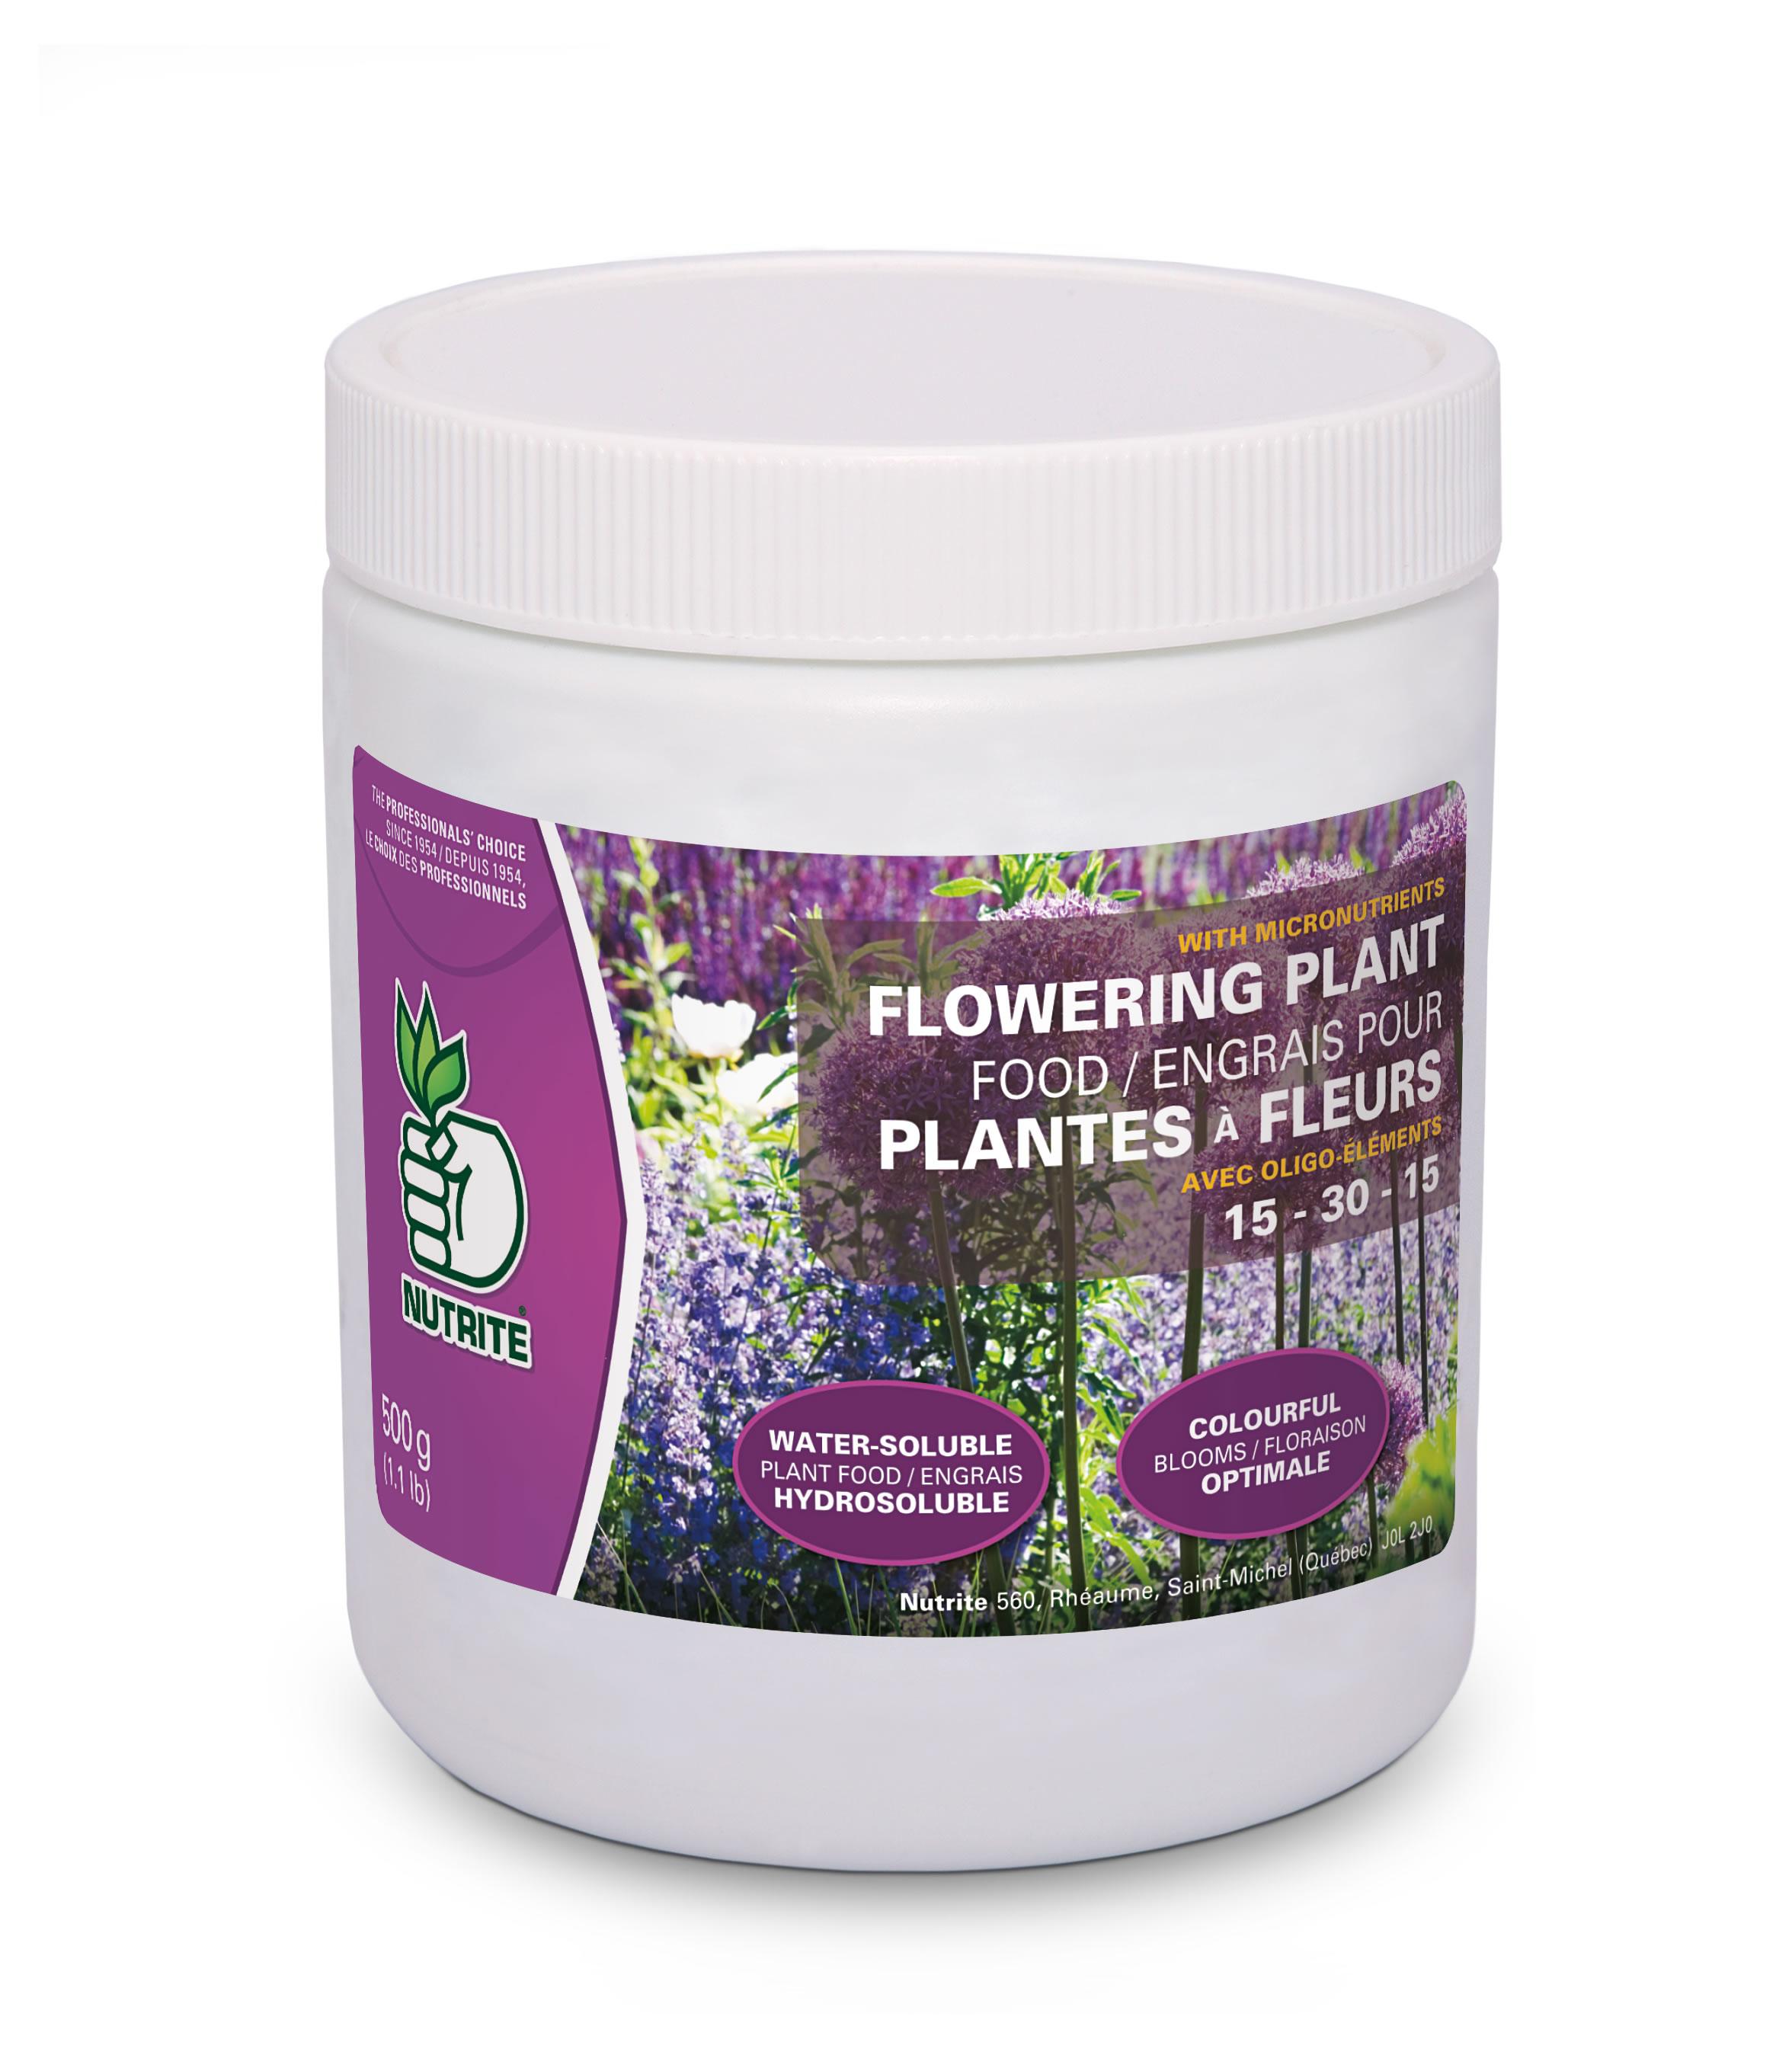 Engrais pour fleurs 15 30 15 nutrite nos produits for Produit de jardinage